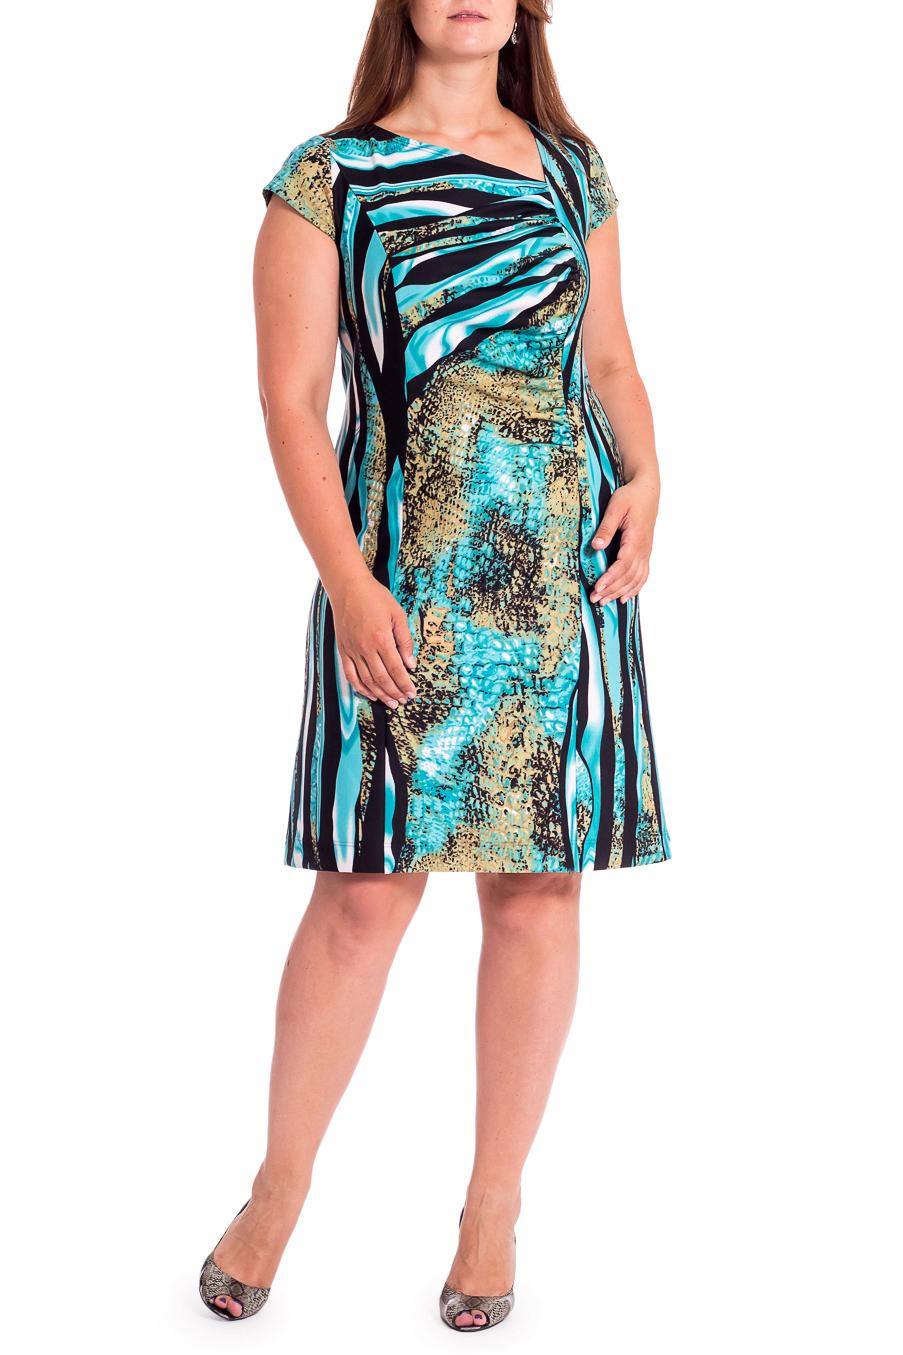 ПлатьеПлатья<br>Цветное платье с асимметричной горловиной и короткими рукавами. Модель выполнена из приятного материала. Отличный выбор для повседневного гардероба.В изделии использованы цвета: голубой, черный и др.Рост девушки-фотомодели 180 см<br><br>Горловина: Фигурная горловина<br>Длина: До колена<br>Материал: Вискоза,Трикотаж<br>Рисунок: Зебра,Рептилия,С принтом,Цветные<br>Рукав: Короткий рукав<br>Сезон: Лето,Осень,Весна<br>Силуэт: Полуприталенные<br>Стиль: Повседневный стиль<br>Форма: Платье - трапеция<br>Размер : 46,50,52,54,56<br>Материал: Джерси<br>Количество в наличии: 5